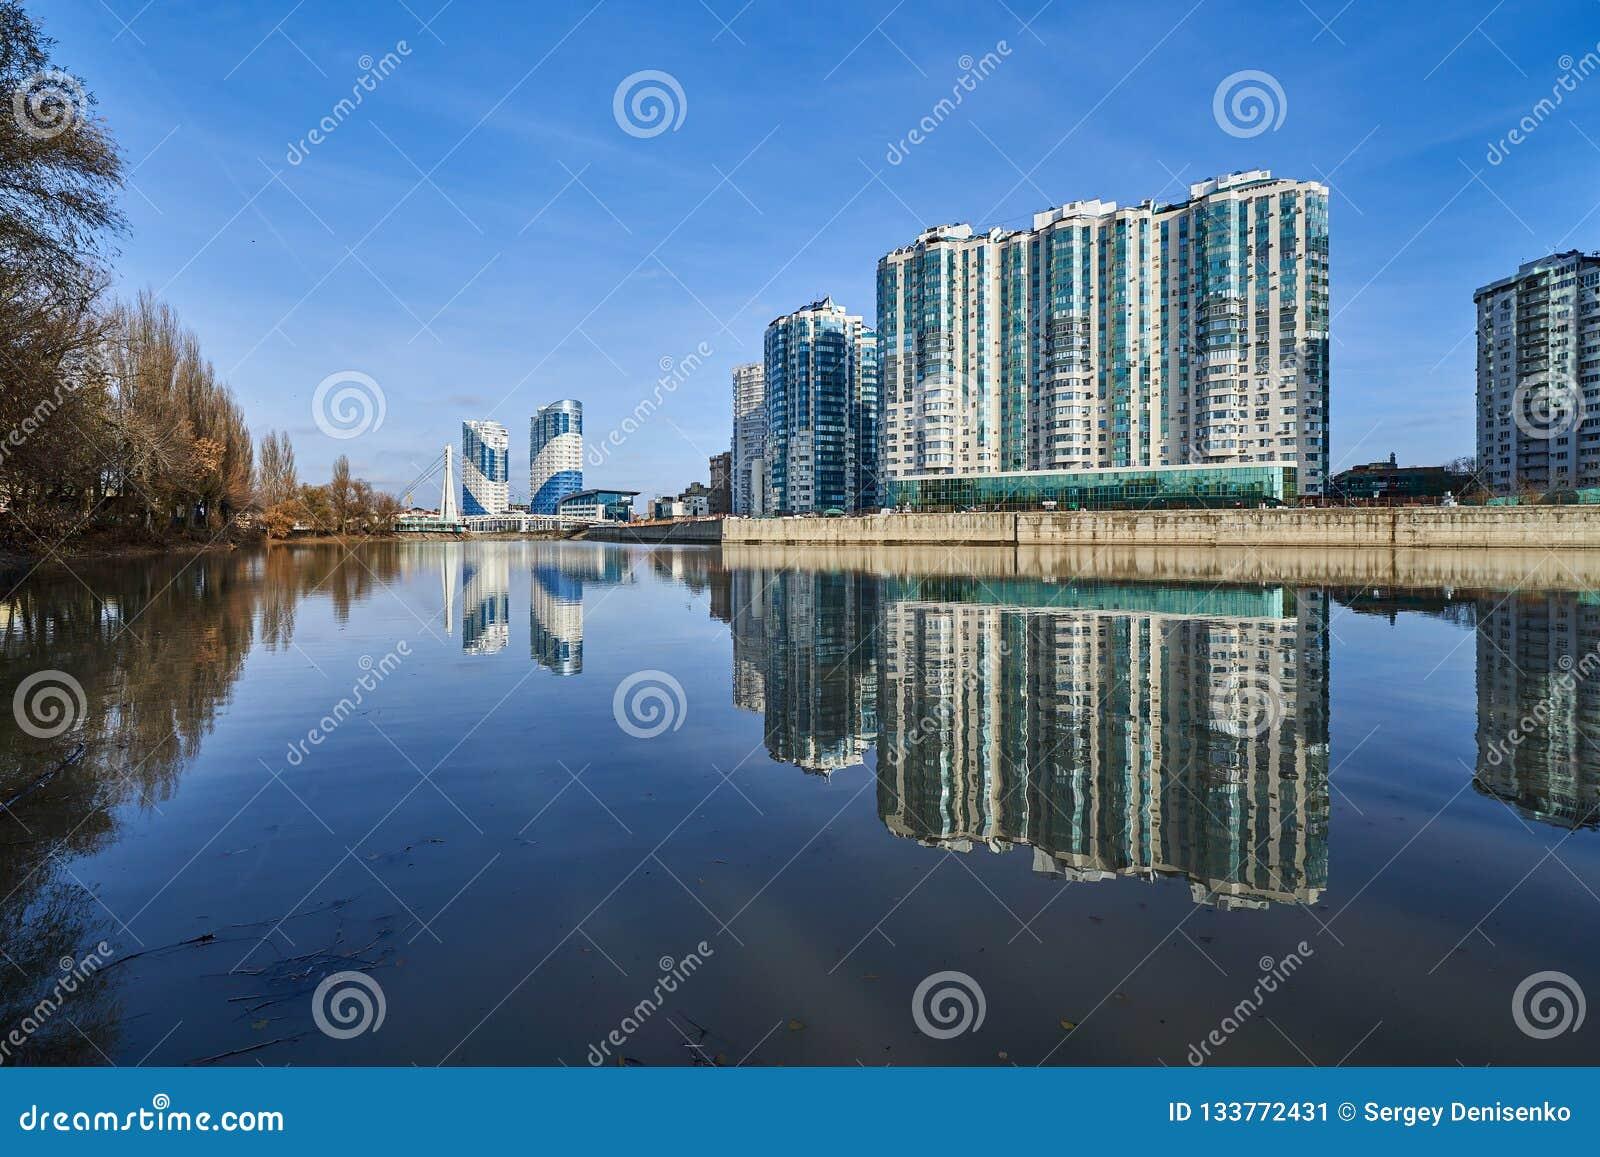 Zadziwiający widok drapacz chmur elity klasy kompleks mieszkaniowy most buziaki od parka zwycięstwo i